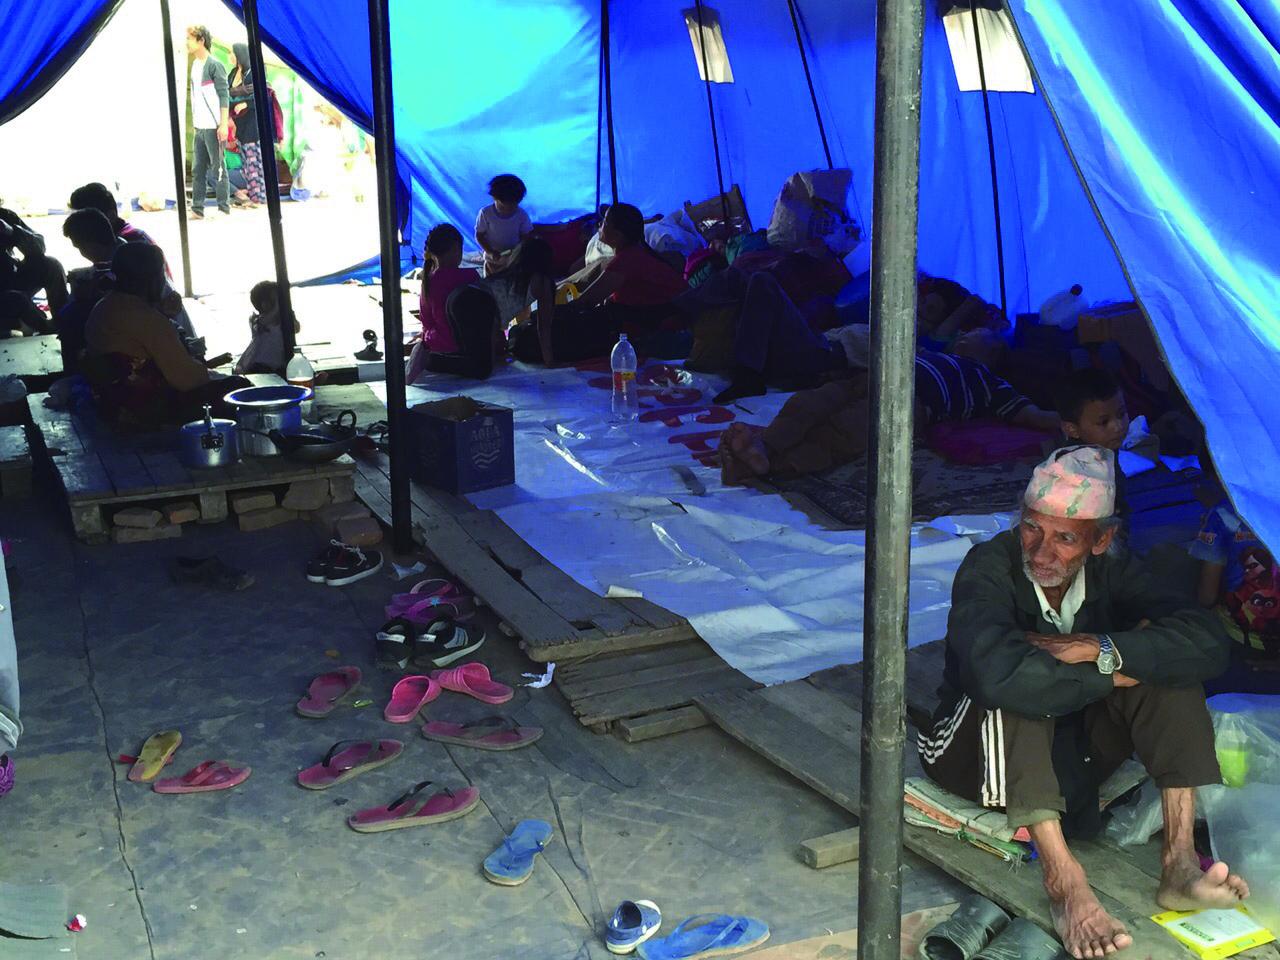 架起帳篷,架起重建家園的盼望。